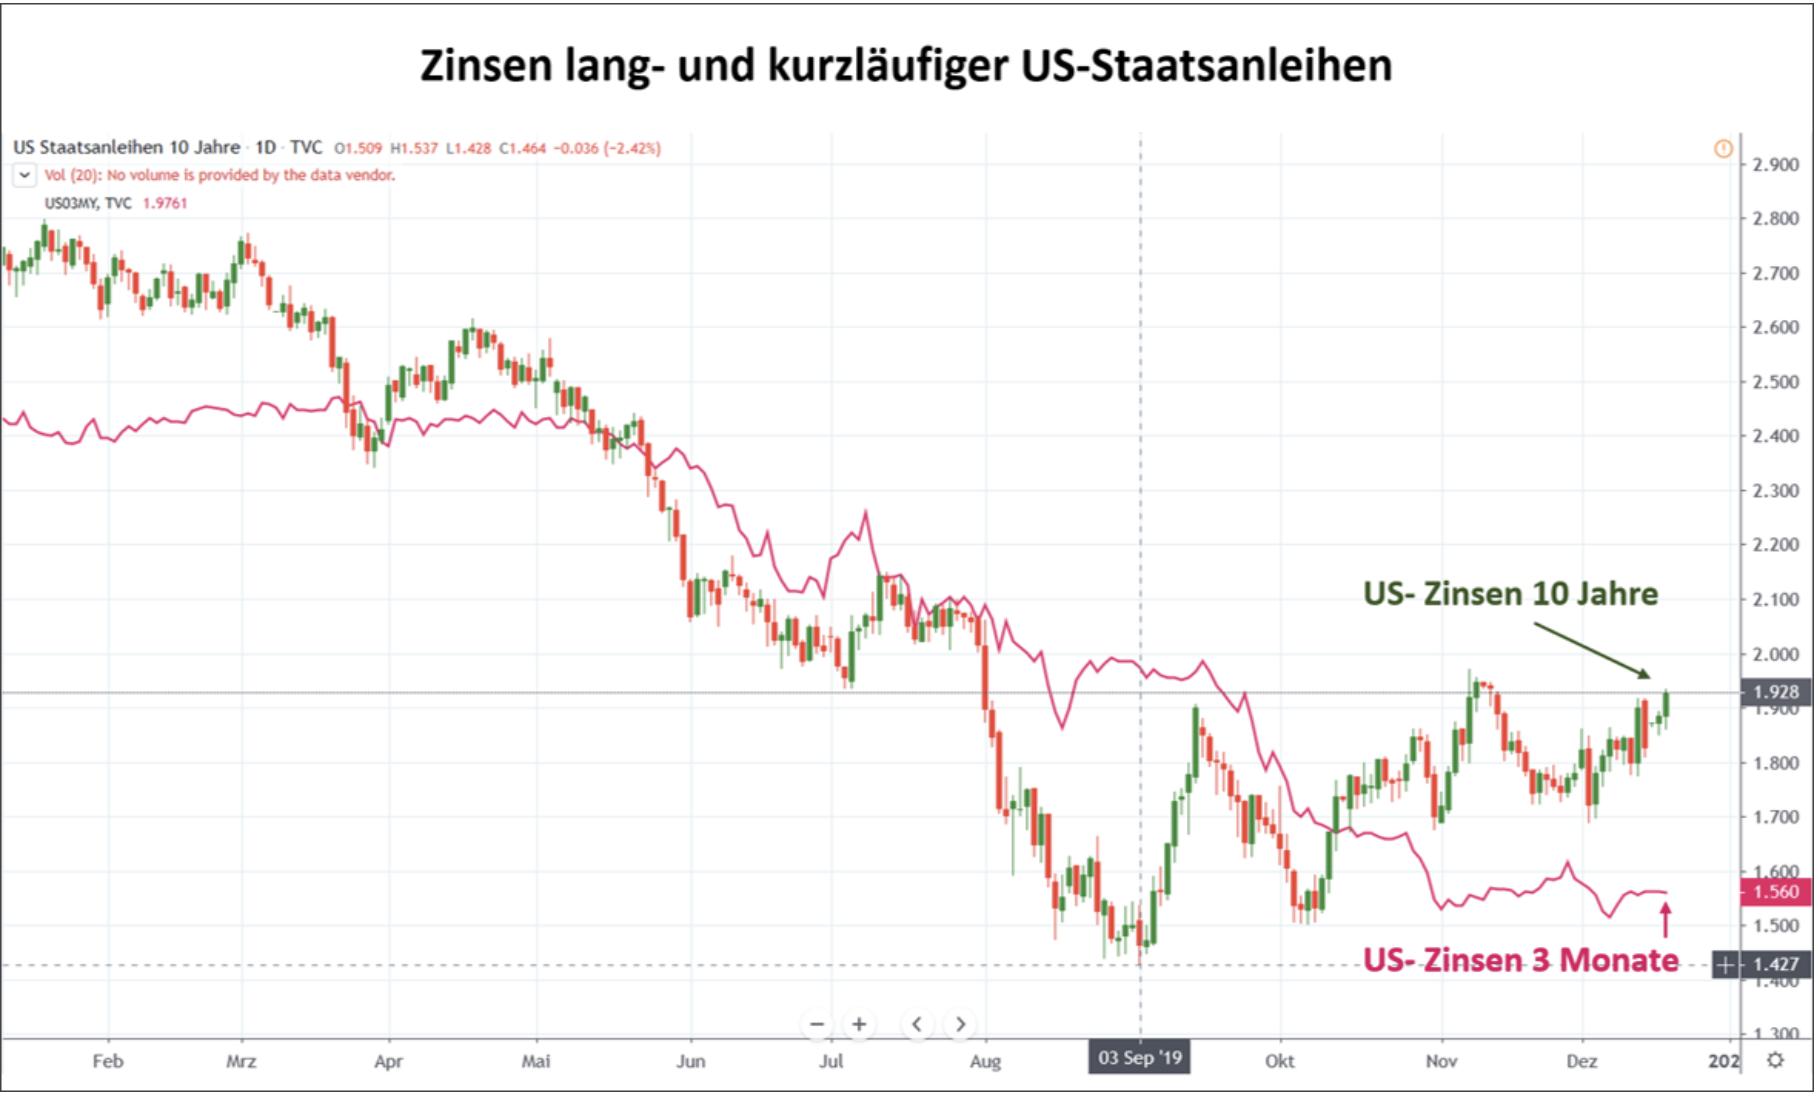 US-Zinsen bei Staatsanleihen